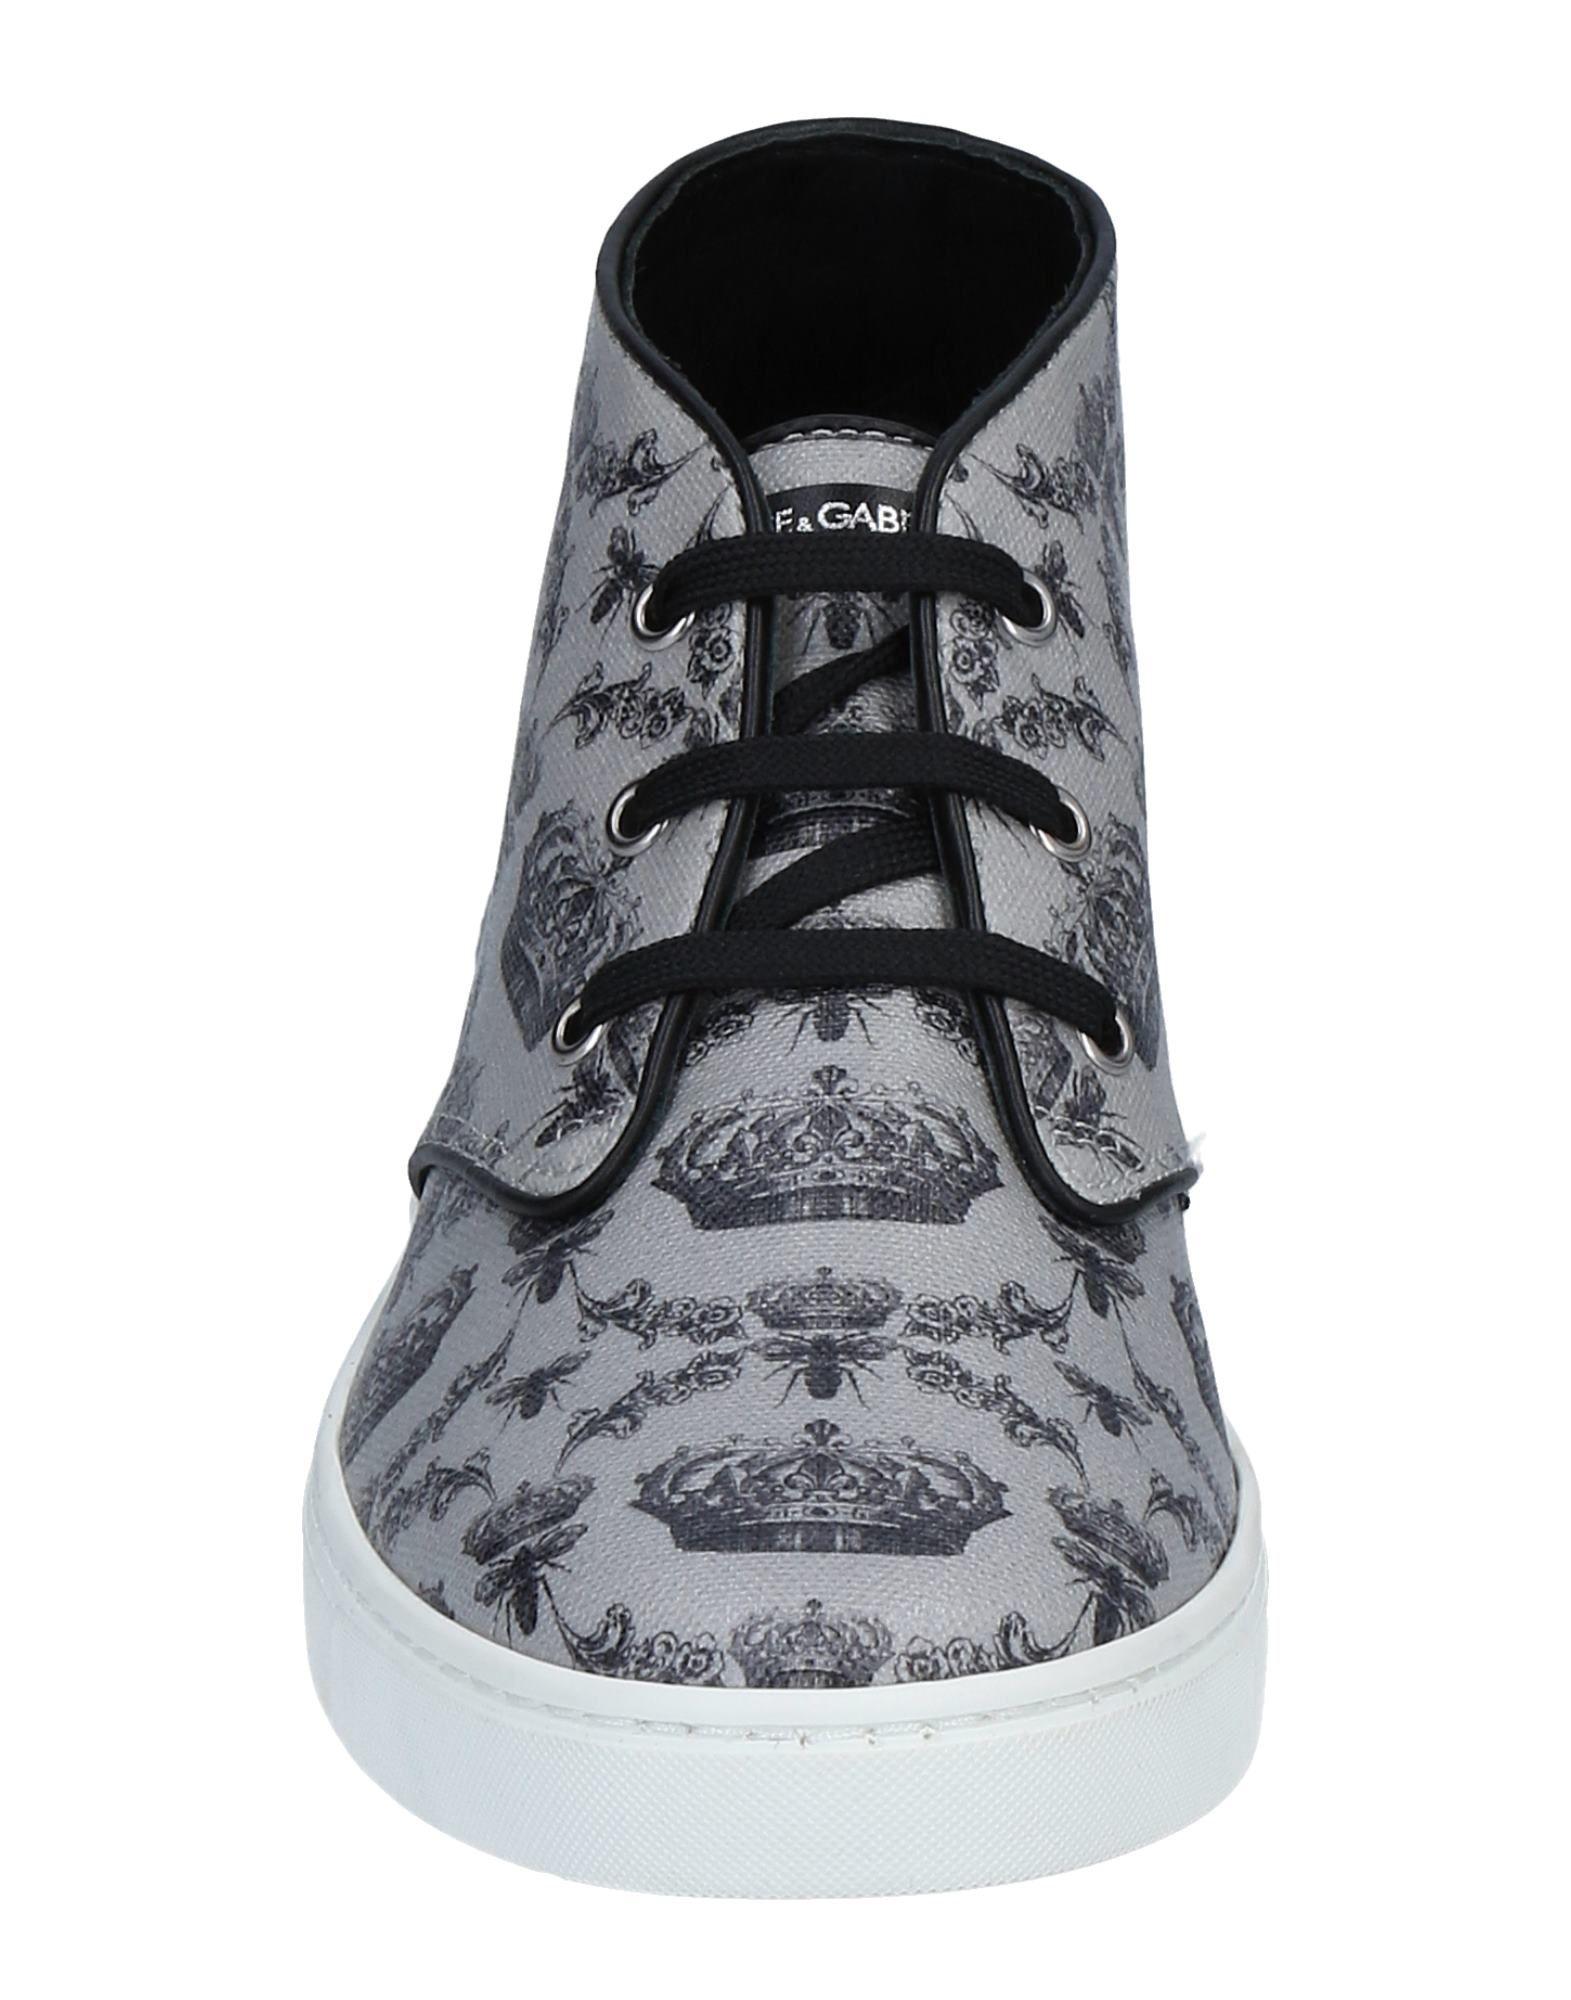 Dolce & Gabbana Gabbana & Stiefelette Herren  11511649DL Neue Schuhe a09c2f